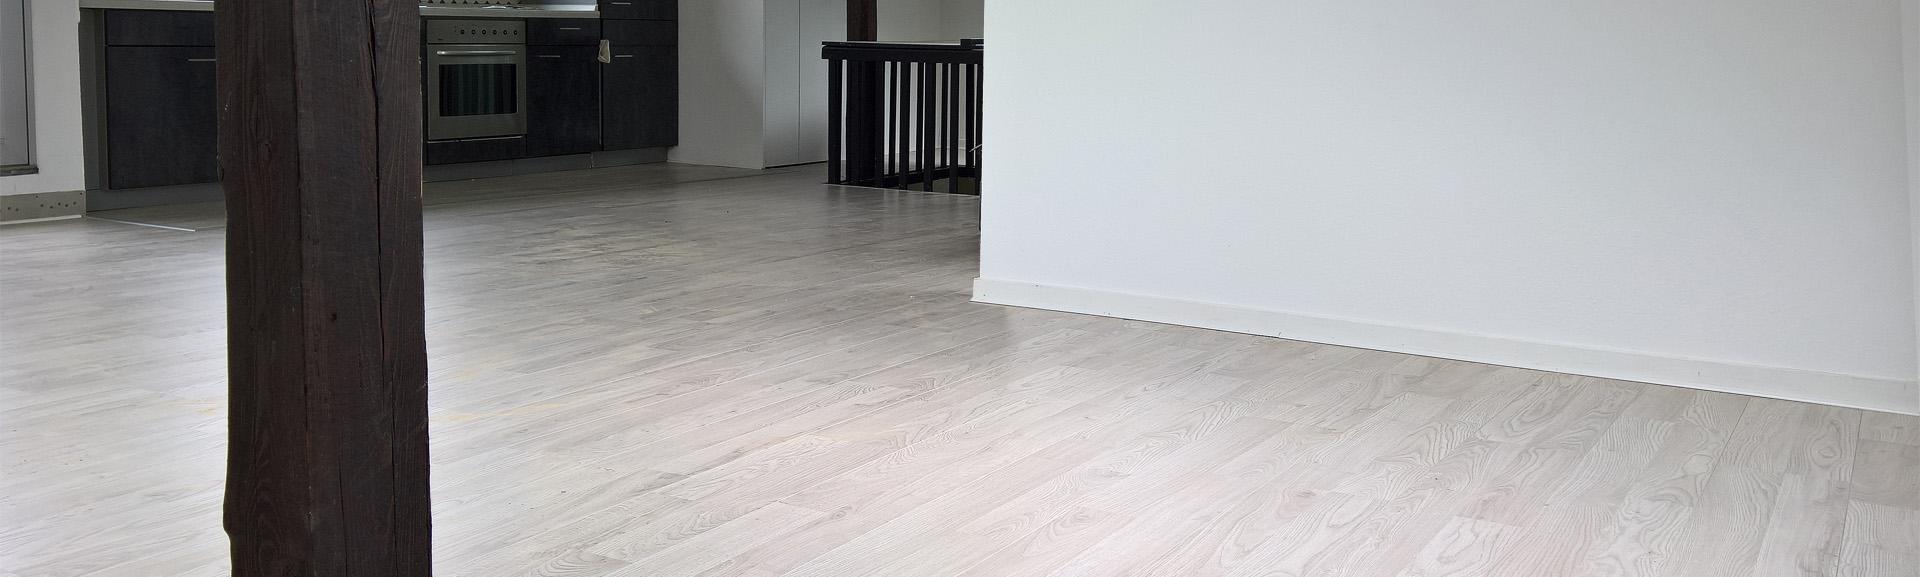 laminat in welche richtung verlegen design vinyl klick verlegung with laminat in welche. Black Bedroom Furniture Sets. Home Design Ideas